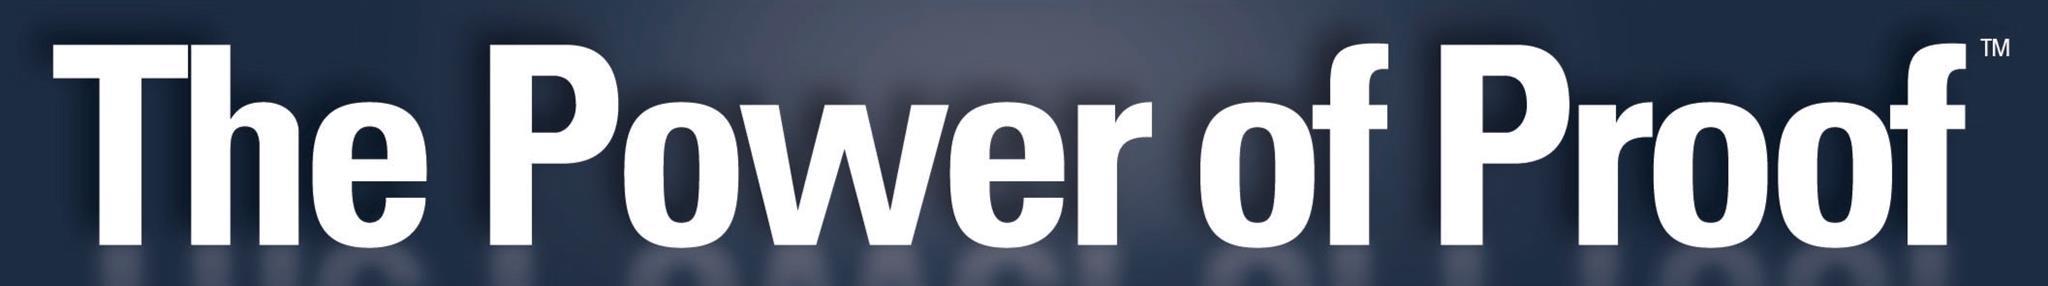 PowerOfProof-JPG.jpg